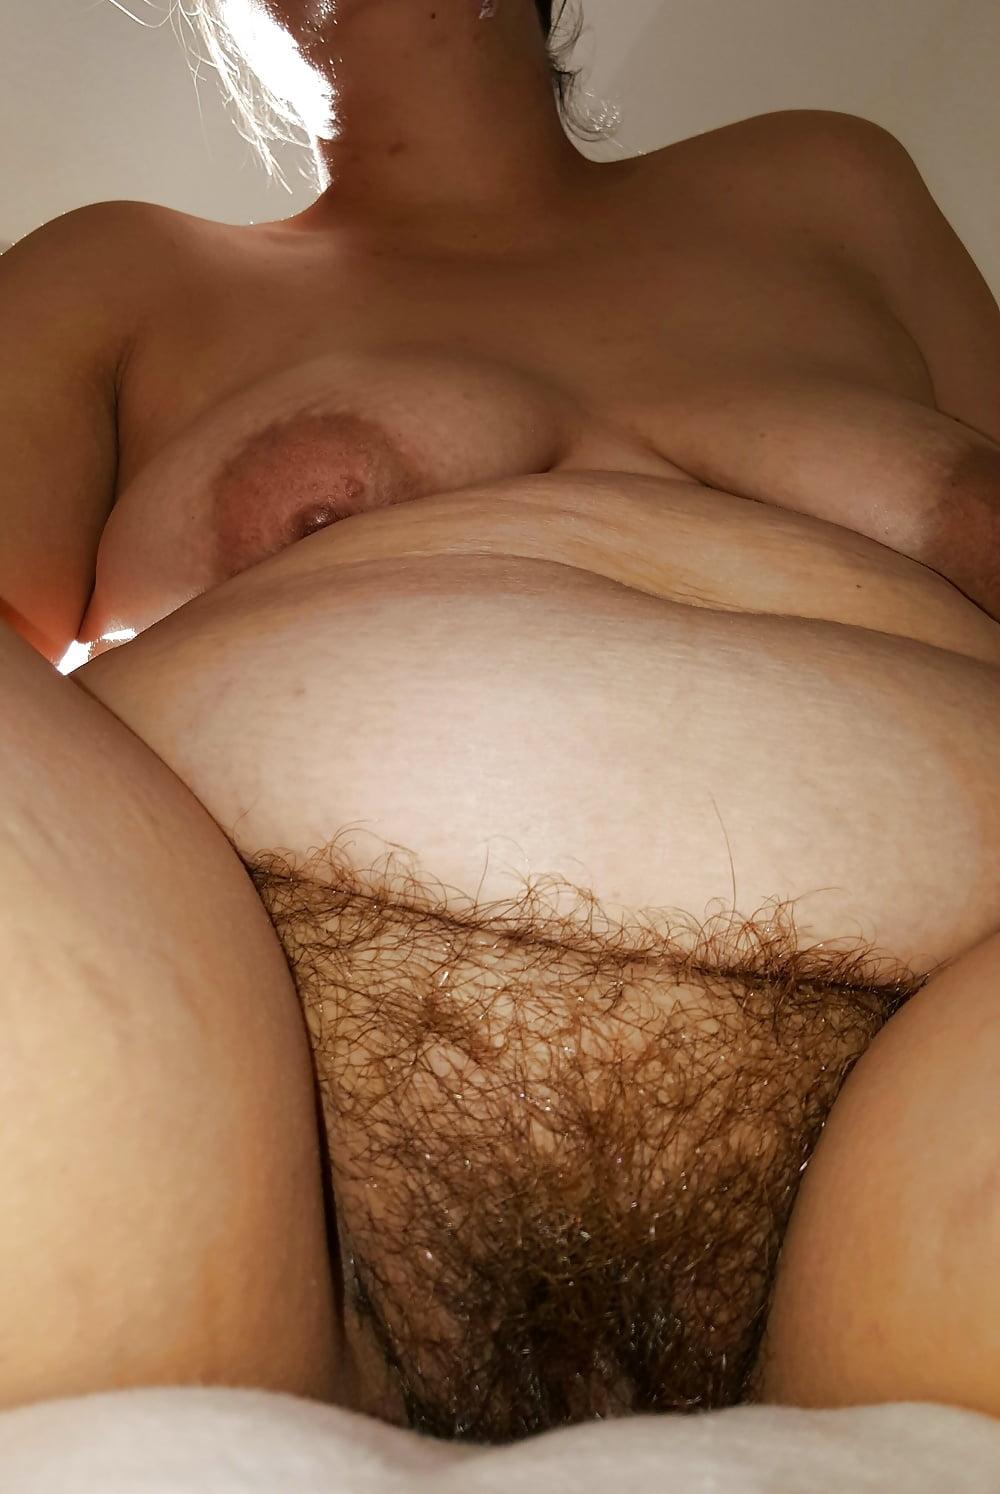 Толстуха с лохматой пиздой, смотреть онлайн телки сосут у стриптизера